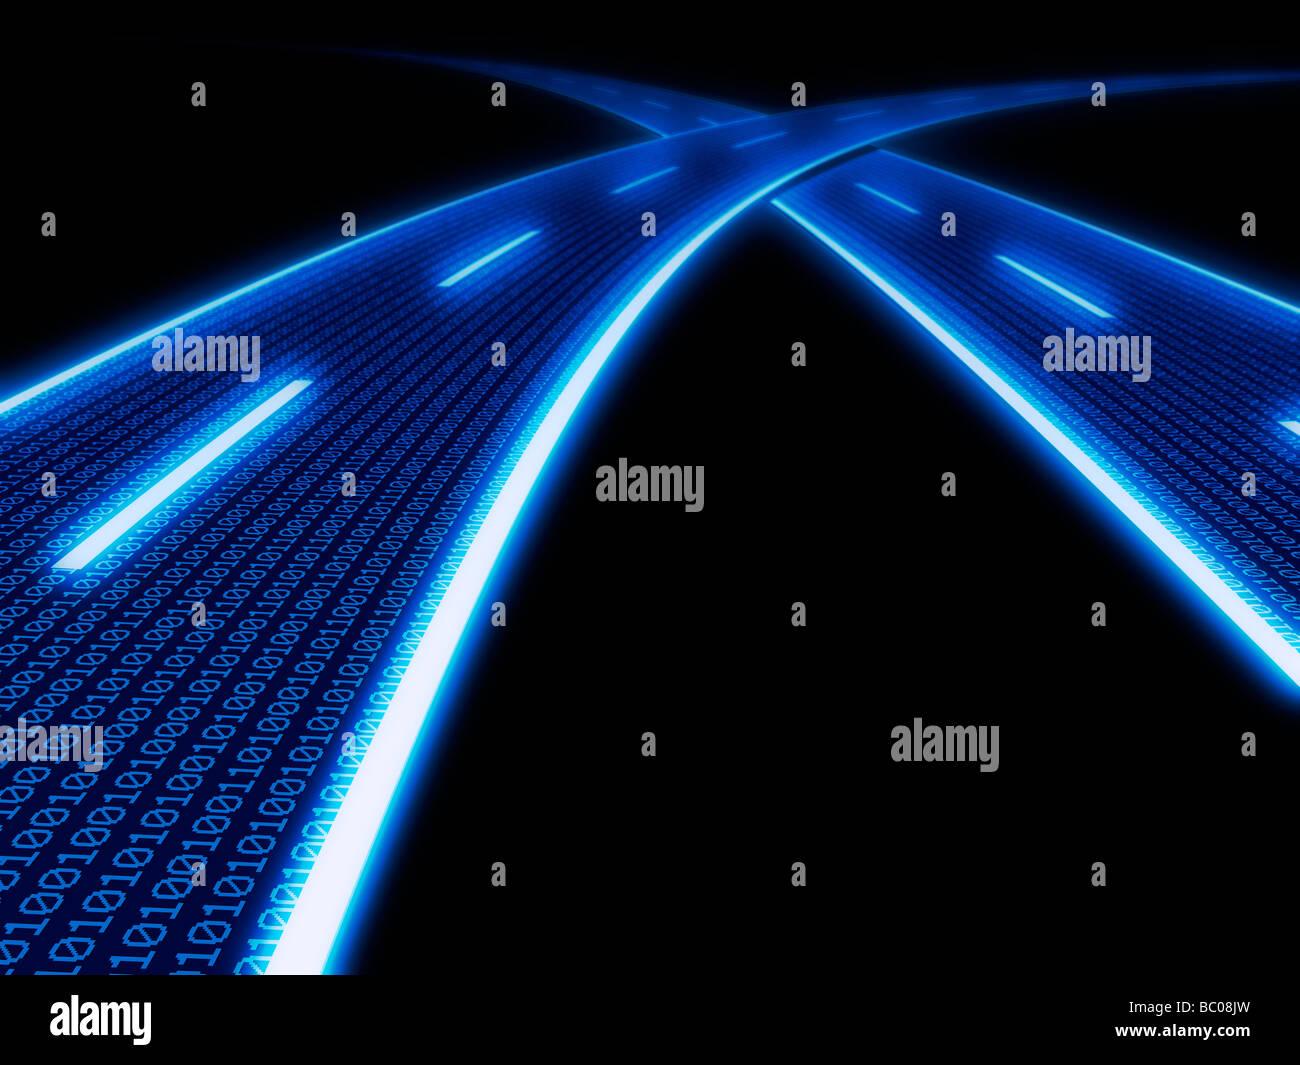 Autopista de la información - Ilustración conceptual generado por ordenador. Imagen De Stock